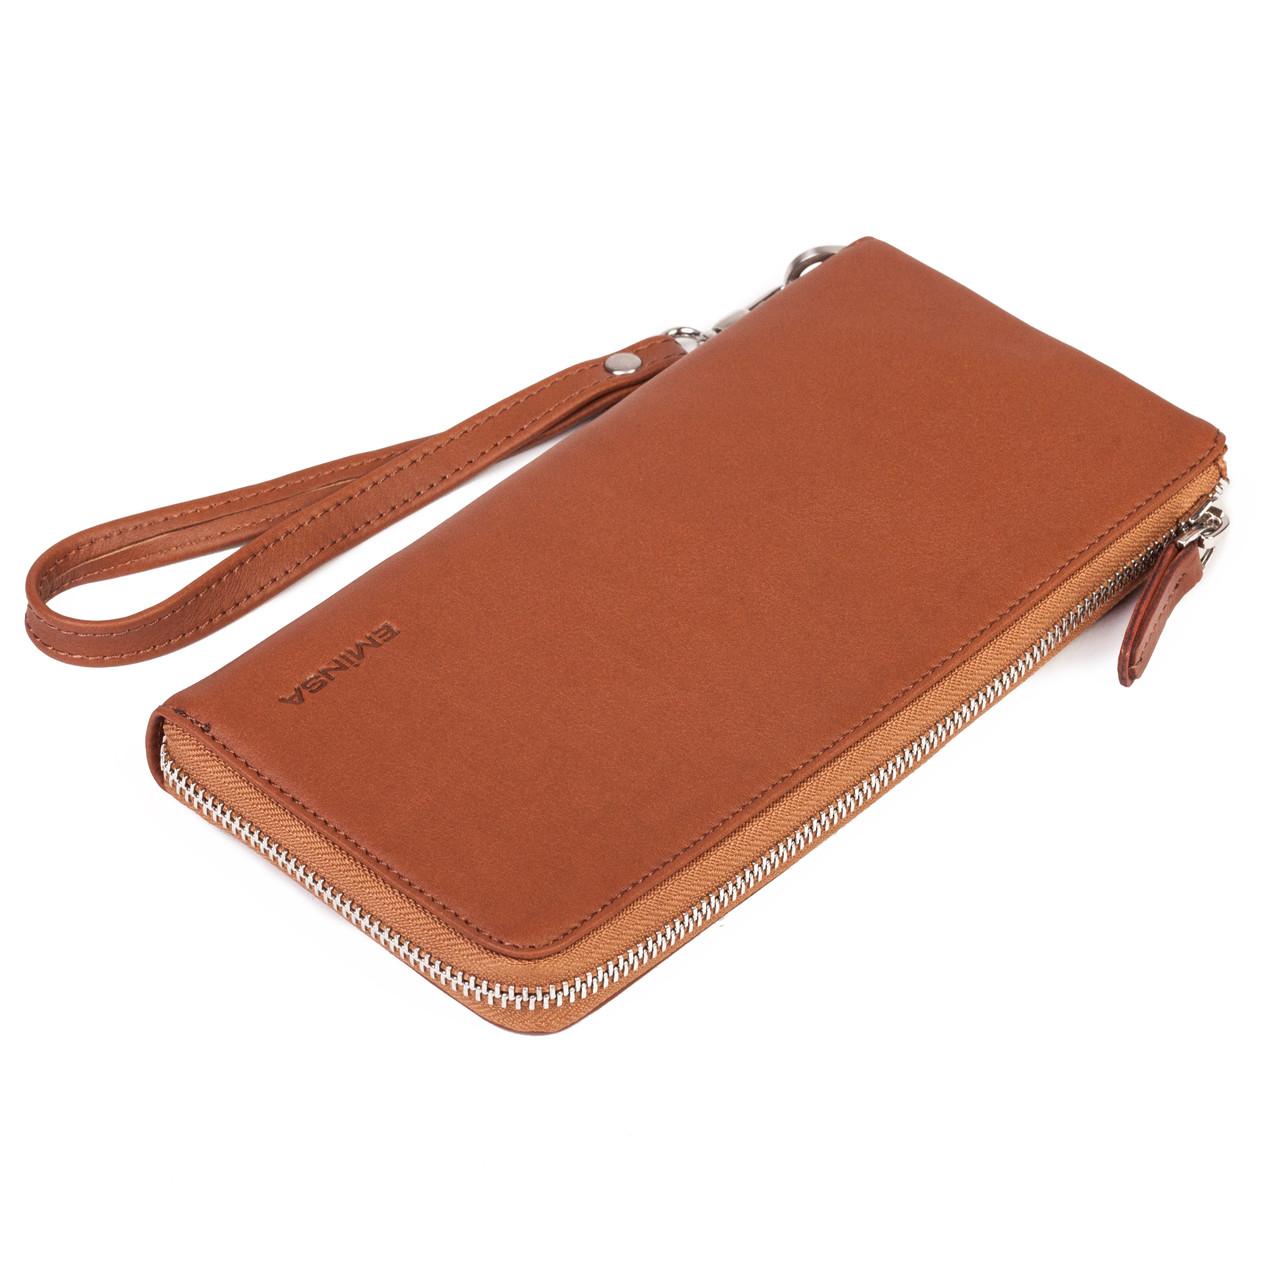 Жіночий гаманець Eminsa 2104-3-2 шкіряний світло-коричневий